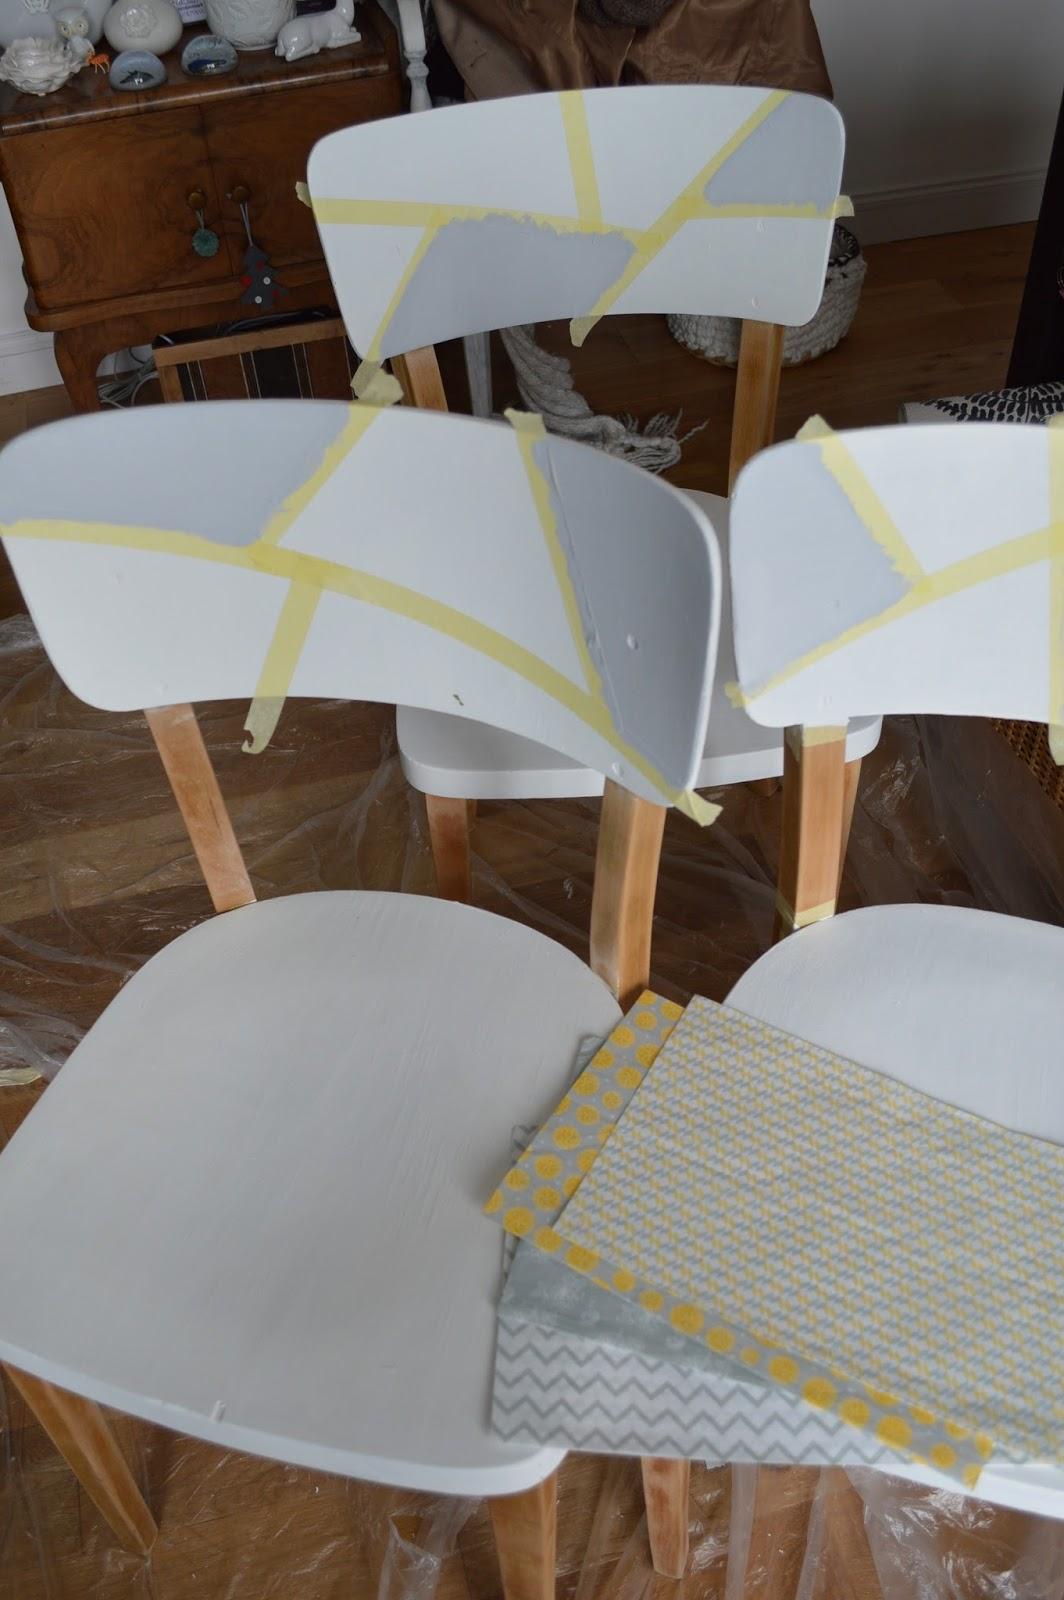 Un relooking extr me d 39 anciennes chaises en bois lily 39 s - Relooker chaise en bois ...